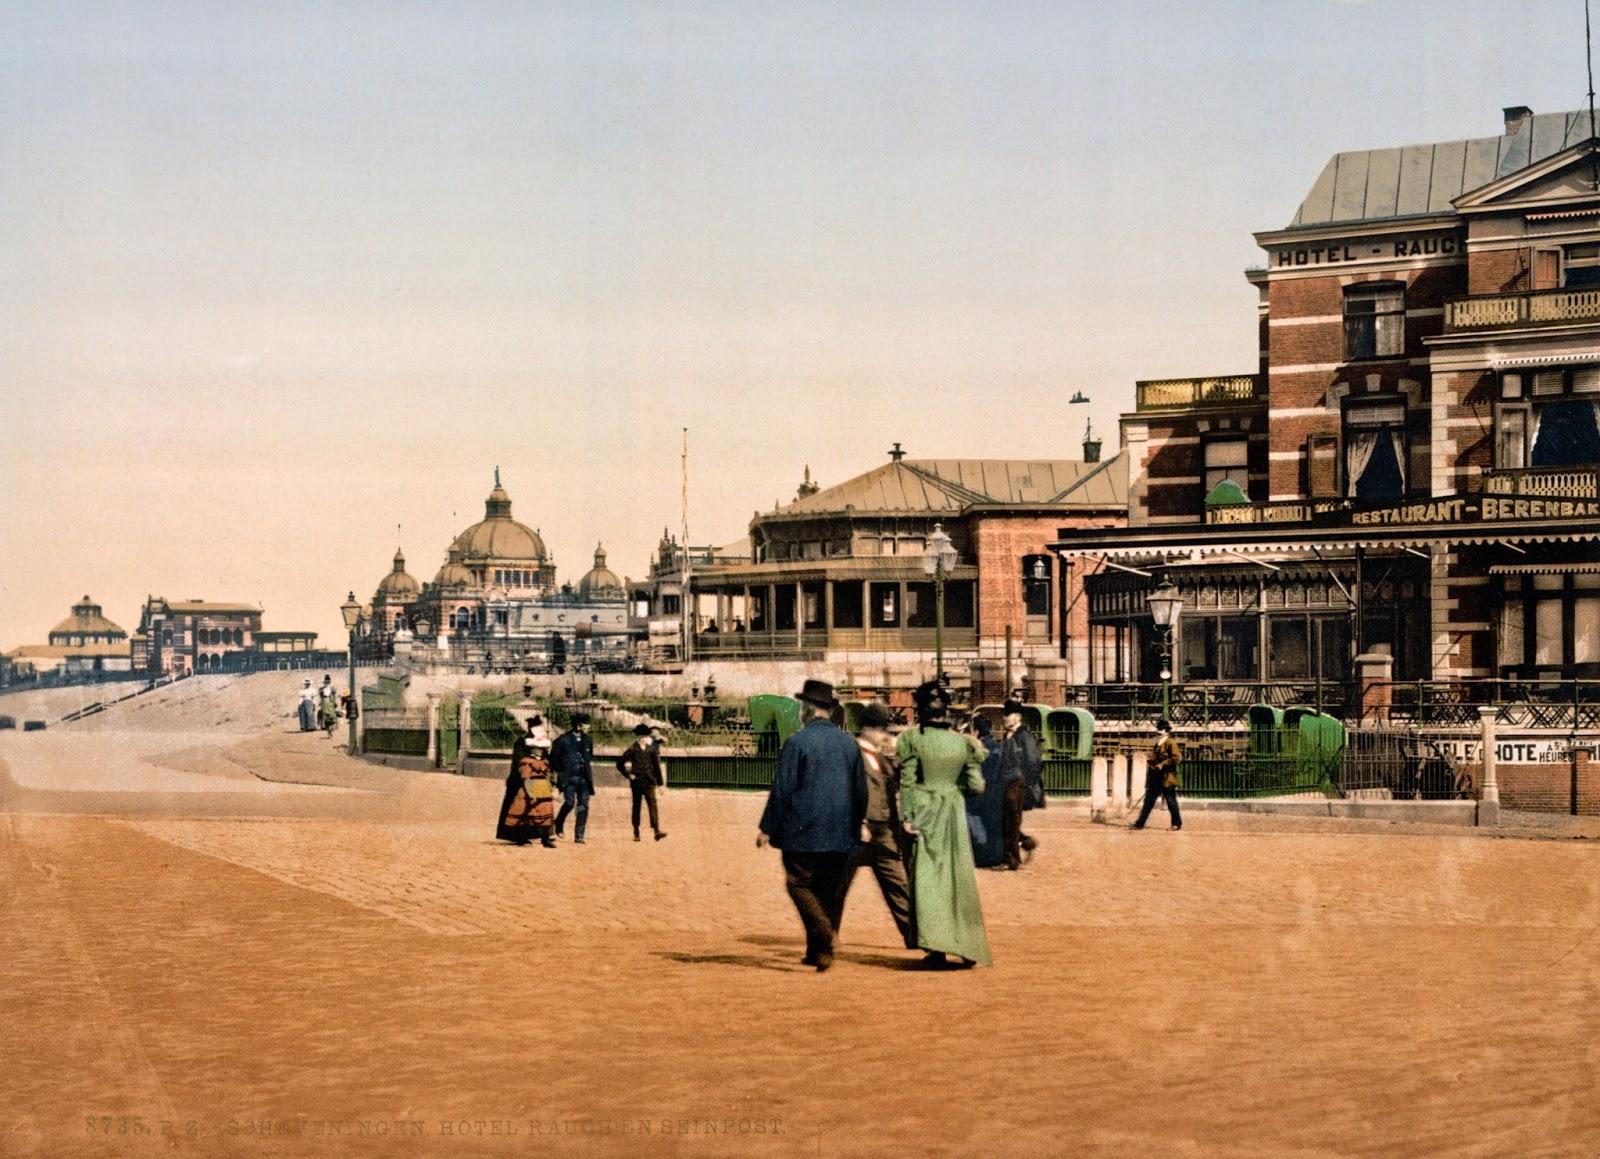 Rauch Hotel, Scheveningen, Holland, ca. 1890-1900.jpg